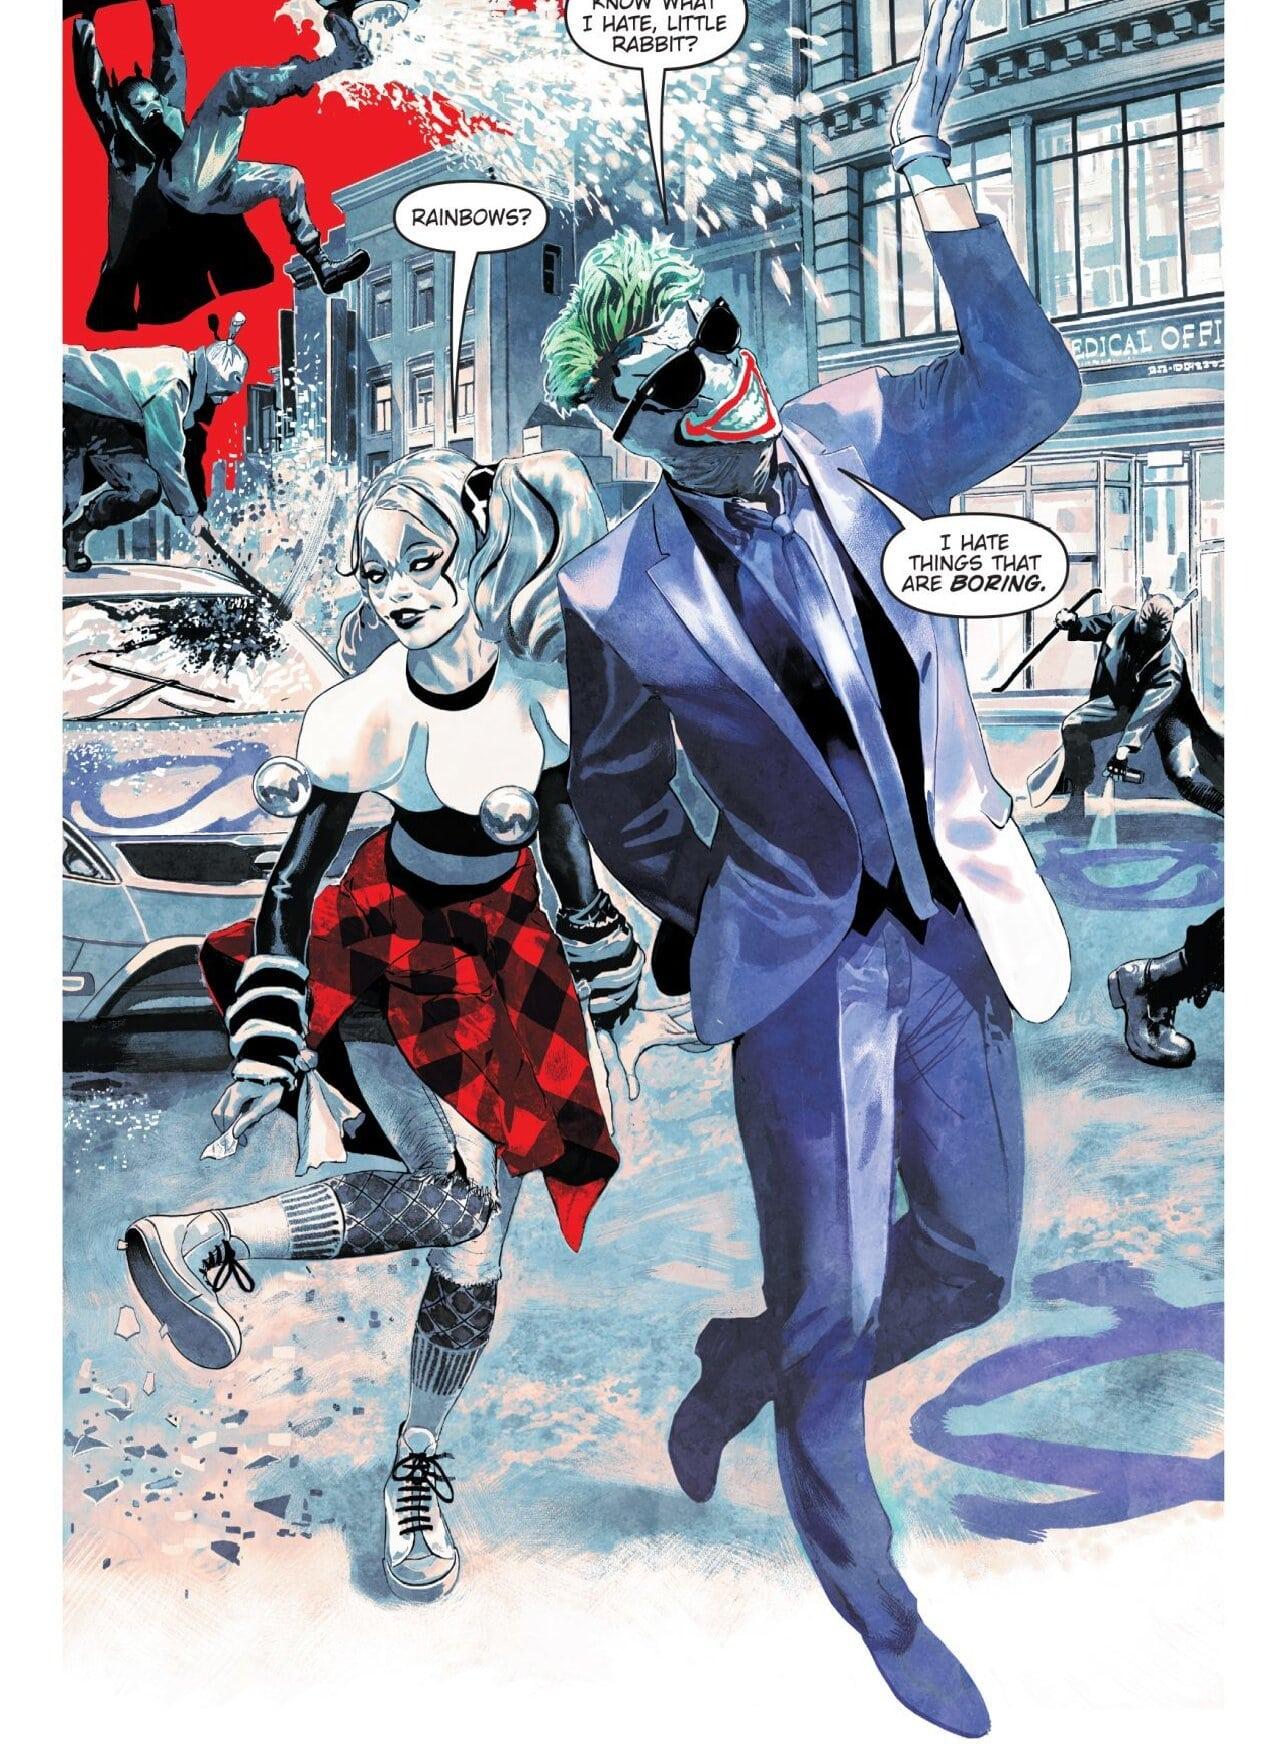 harley quinn mariko tamaki comics